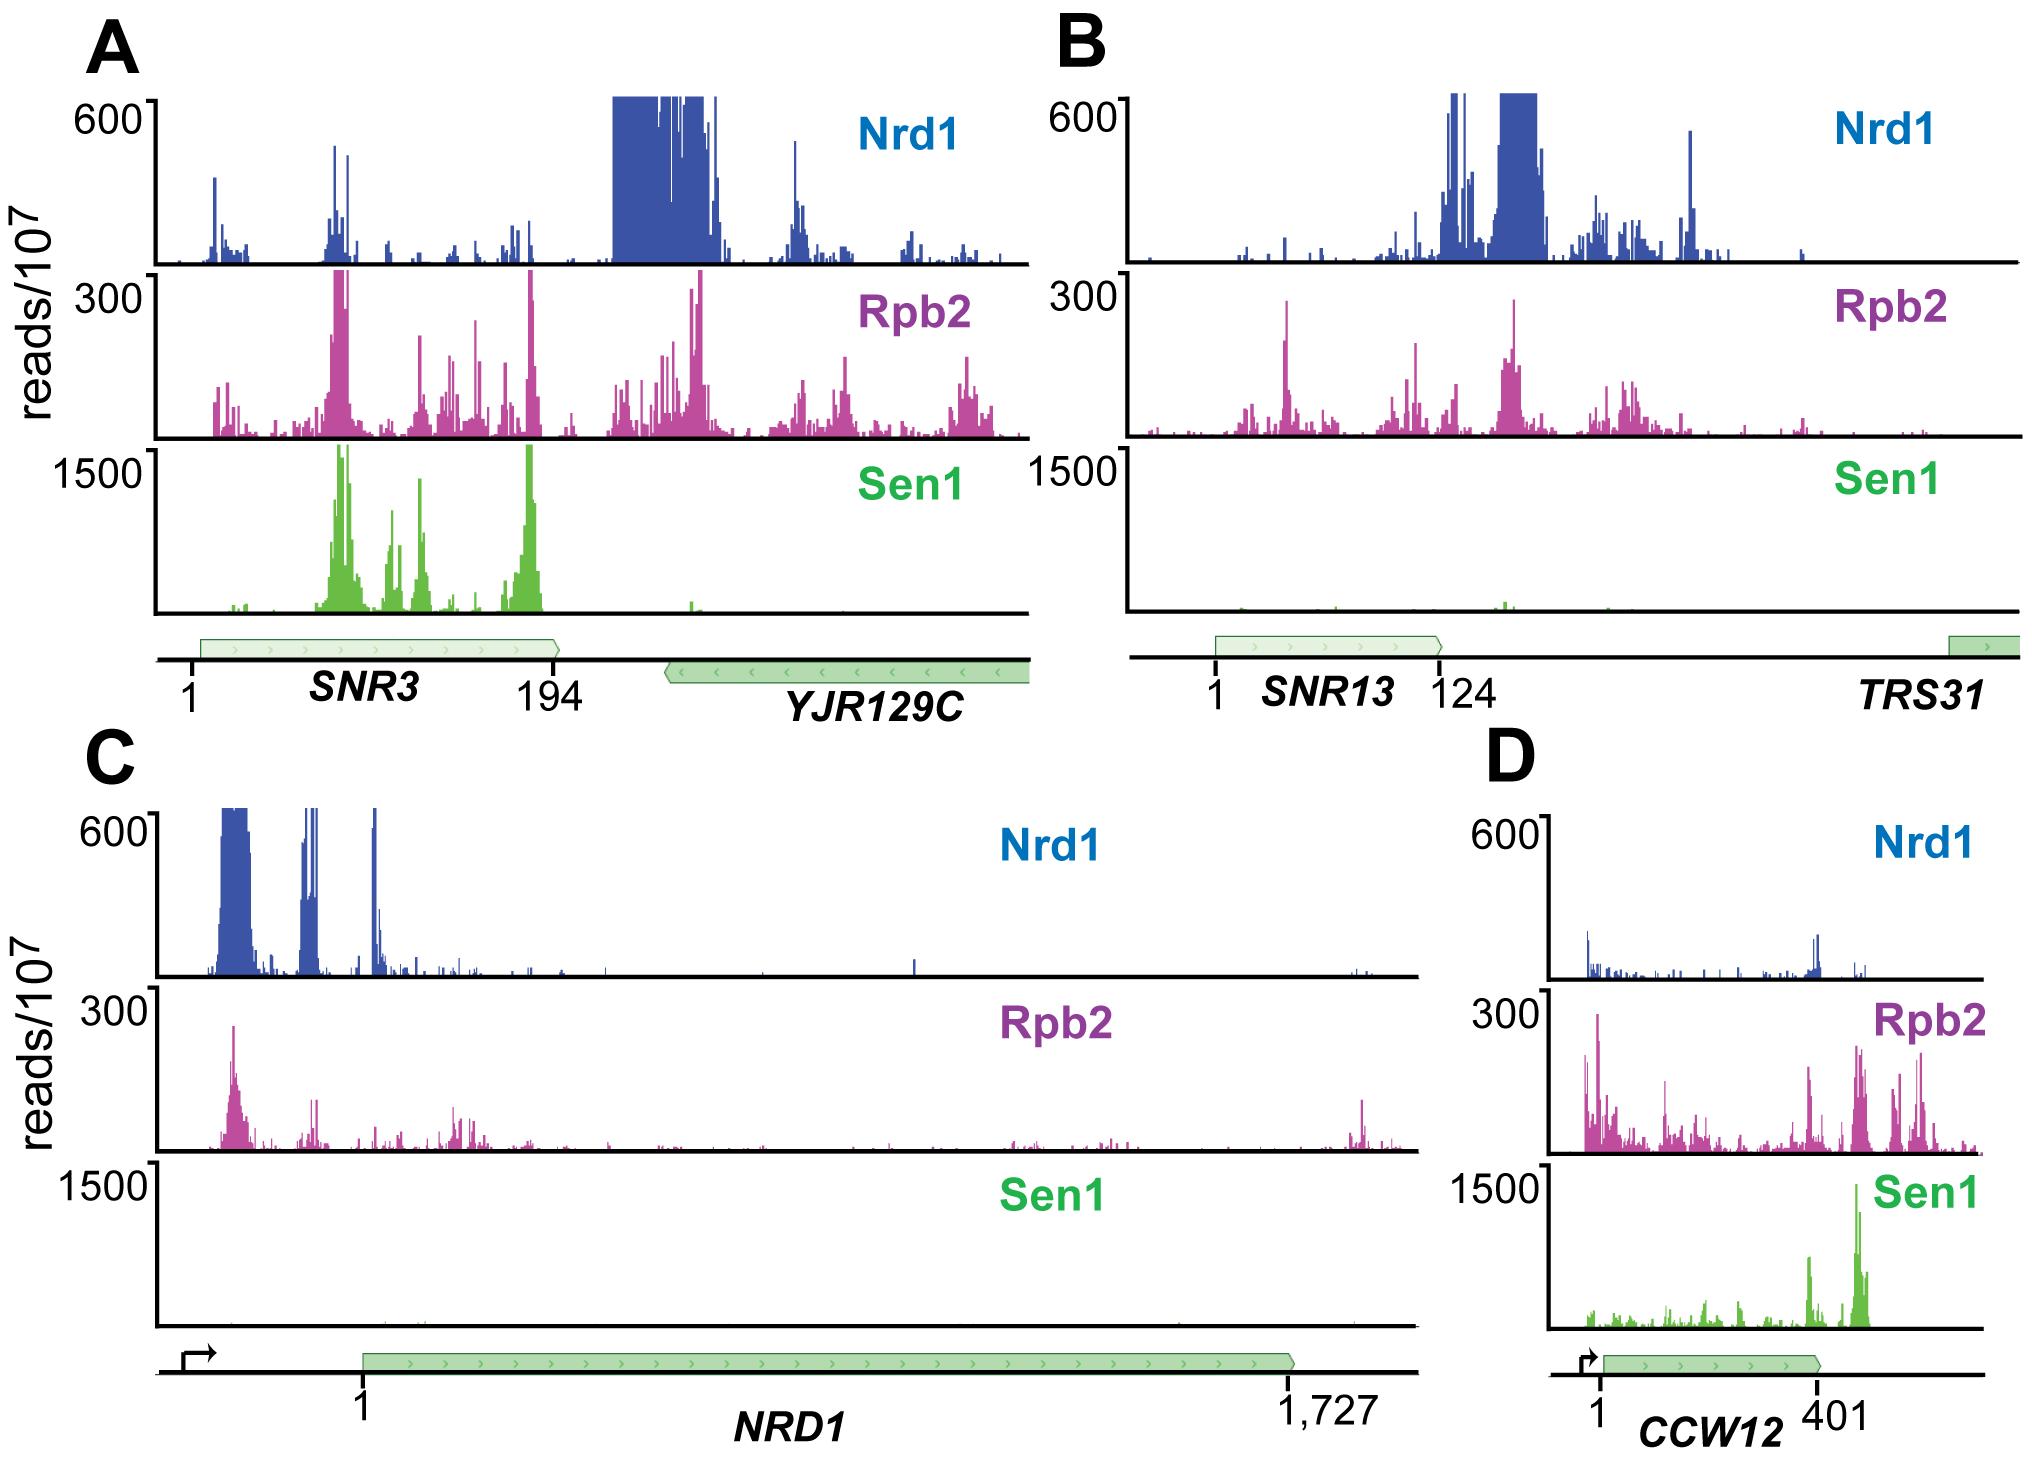 PAR-CLIP plots for Nrd1, Rpb2, and Sen1.